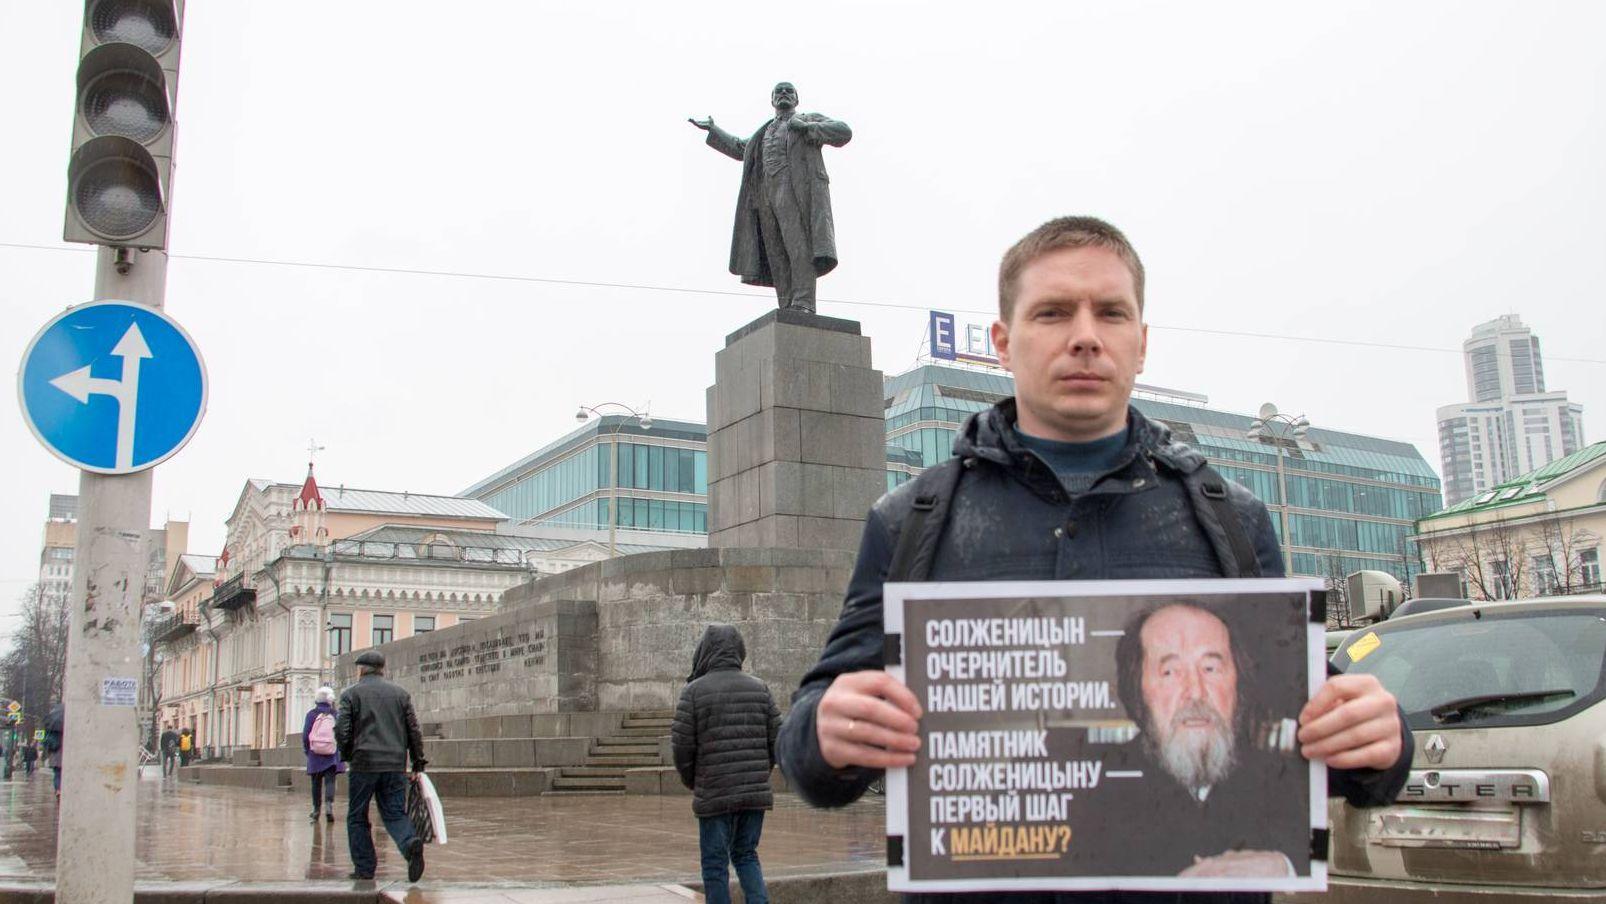 Пикет против восхваления Солженицына-. Екатеринбург. 27.04.2018